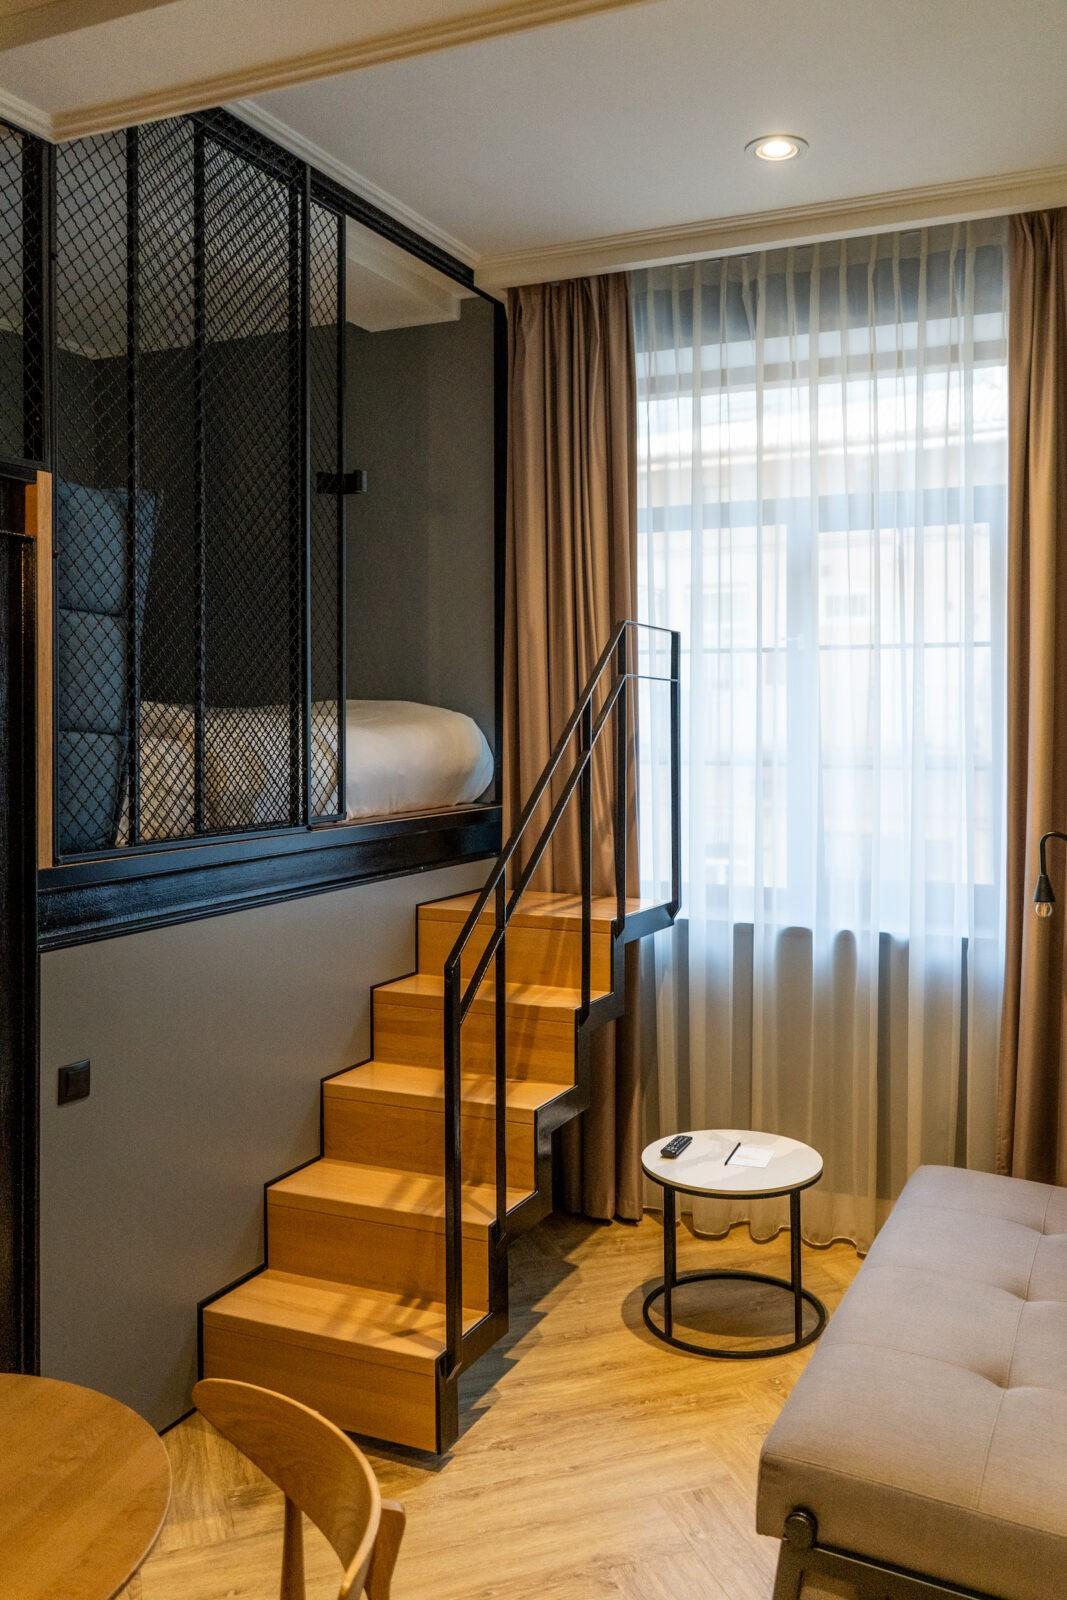 Standard Room (21-27 sq m)